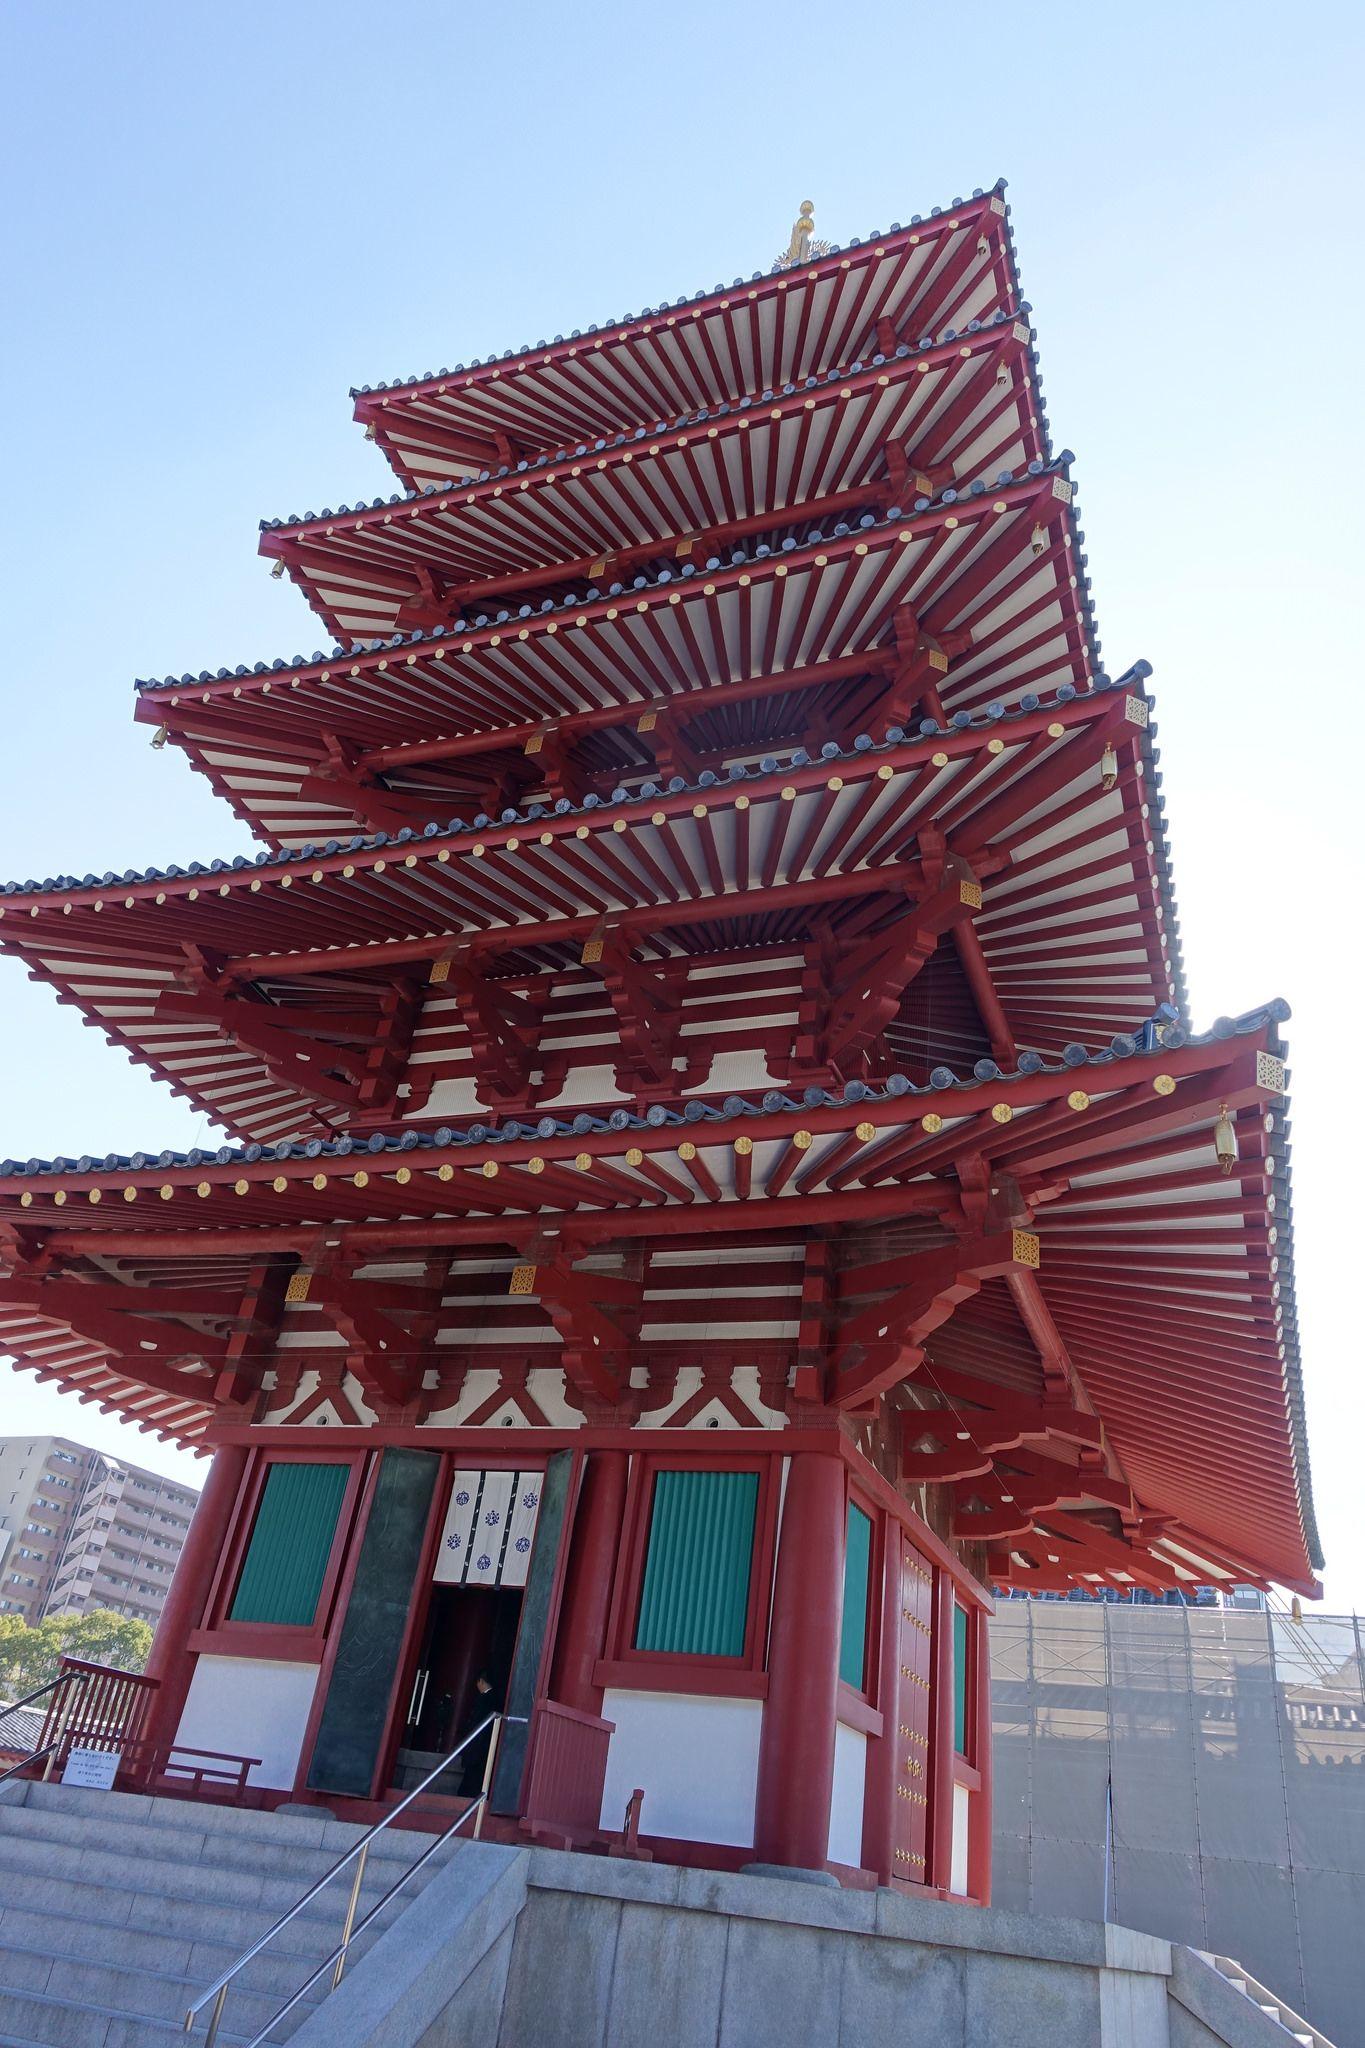 fef222e91614f663a62df46ce3715bb9 Frais De Aquarium Osaka Concept